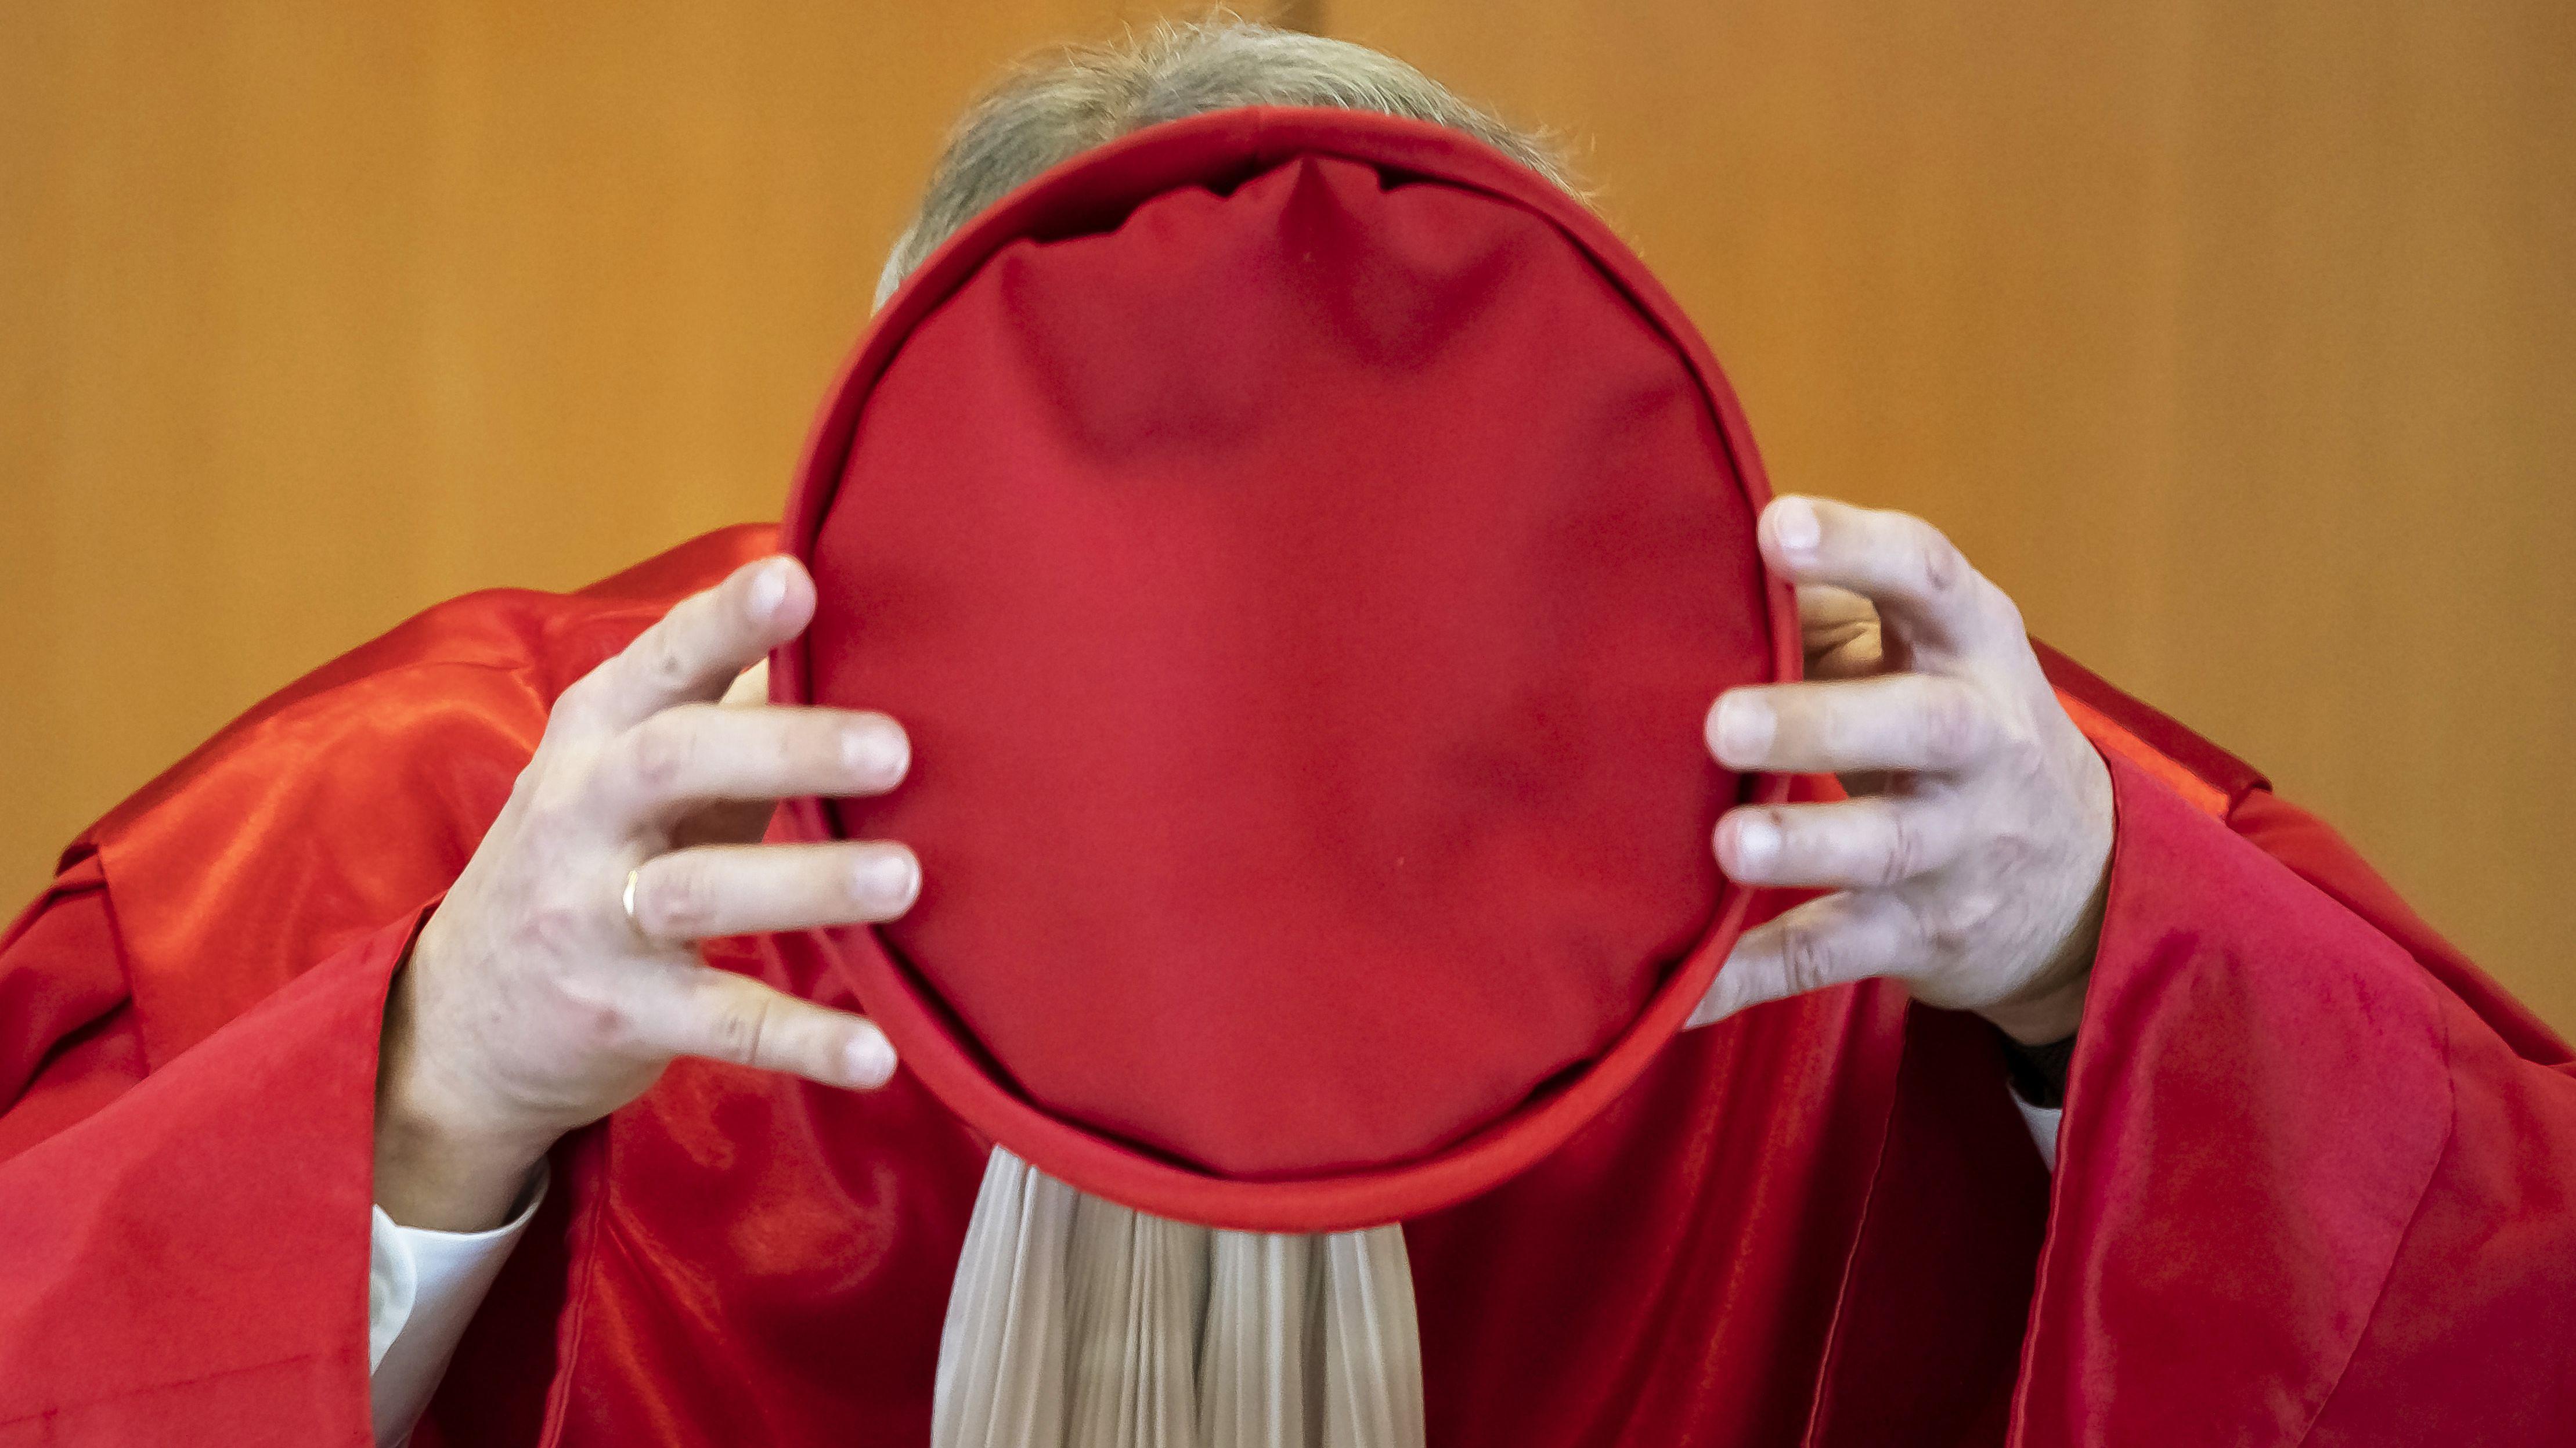 Ein Mann in einer roten Robe hält eine rote Mütze vor seinem Gesicht.